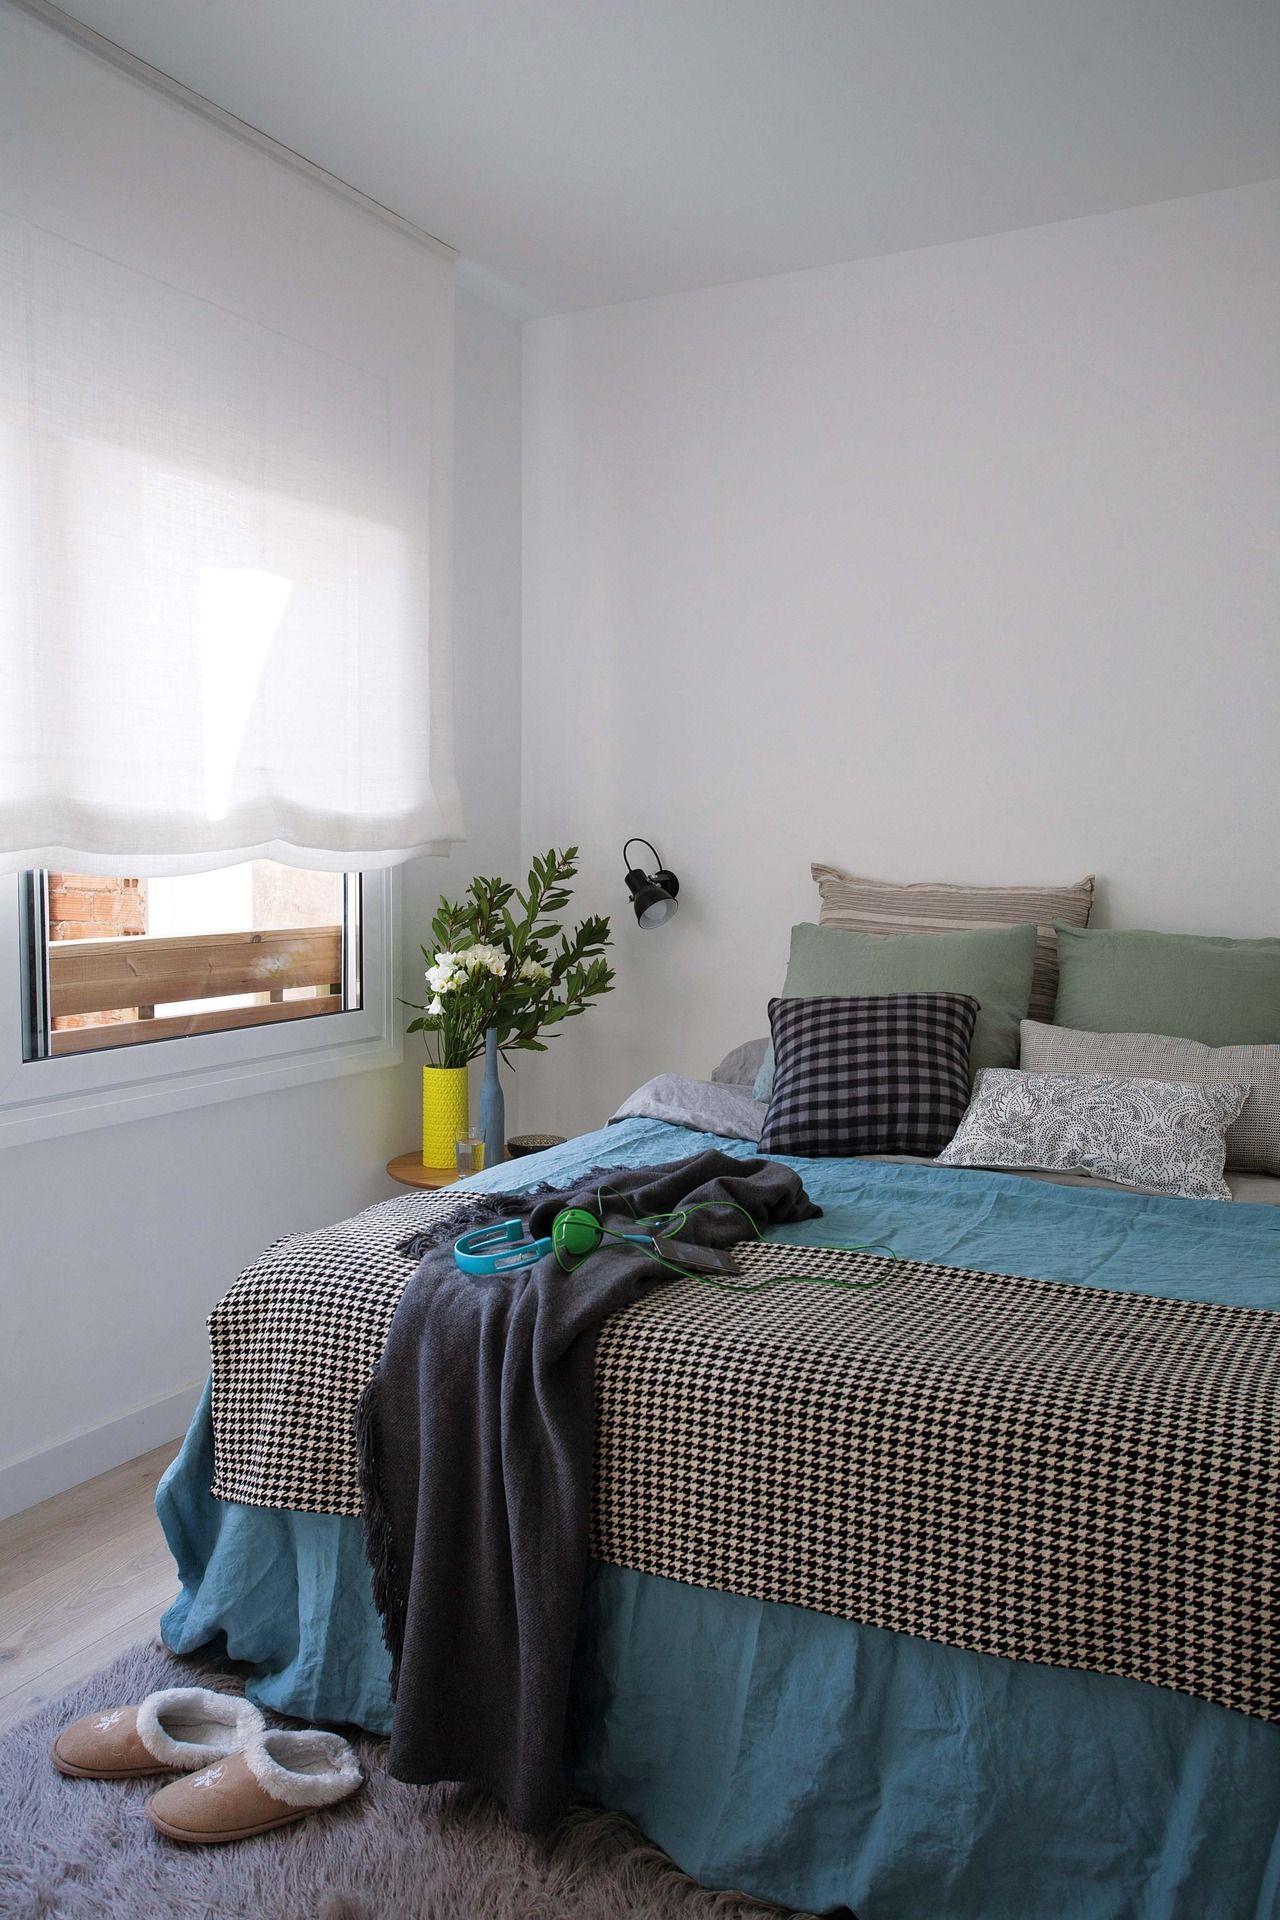 Renovación de un monoambiente en Barcelona: paredes que cayeron, espacios ampliados. Aquí, el dormitorio comunicado con el baño.